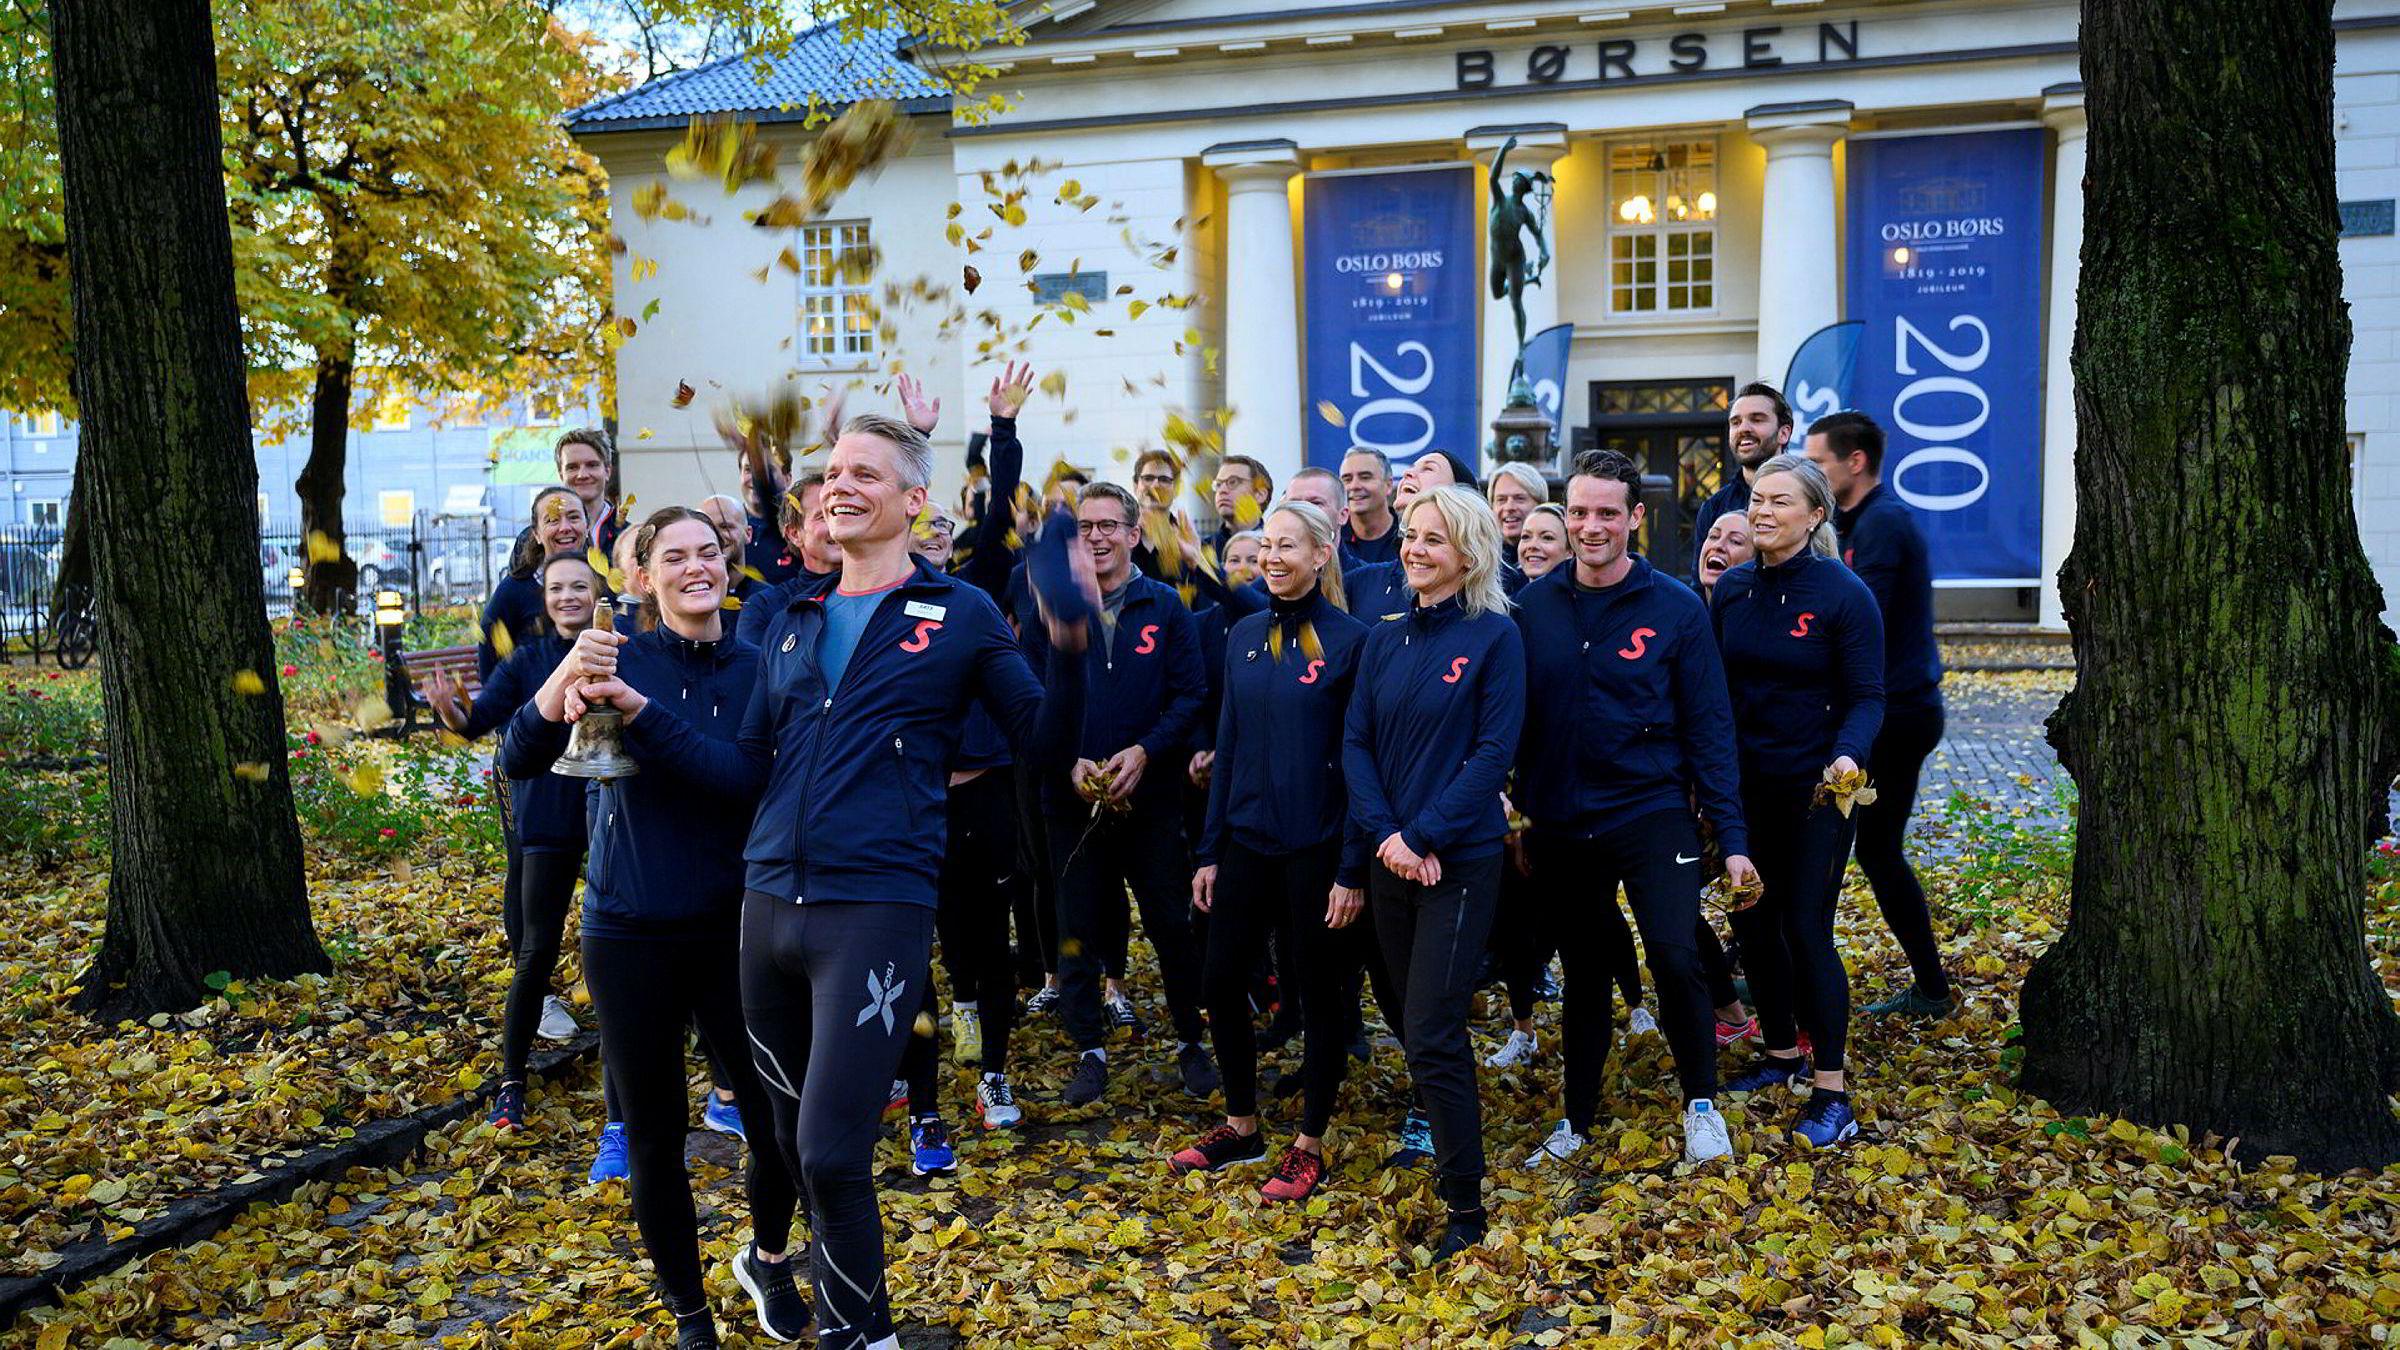 Sats-sjef Sondre Gravir, resten av ledelsen med finansdirektør Cecilie Elde og de ansatte løp fra hovedkontoret i Nydalen til Oslo Børs nede i sentrum da Sats skulle børsnotere seg 23. oktober i år.